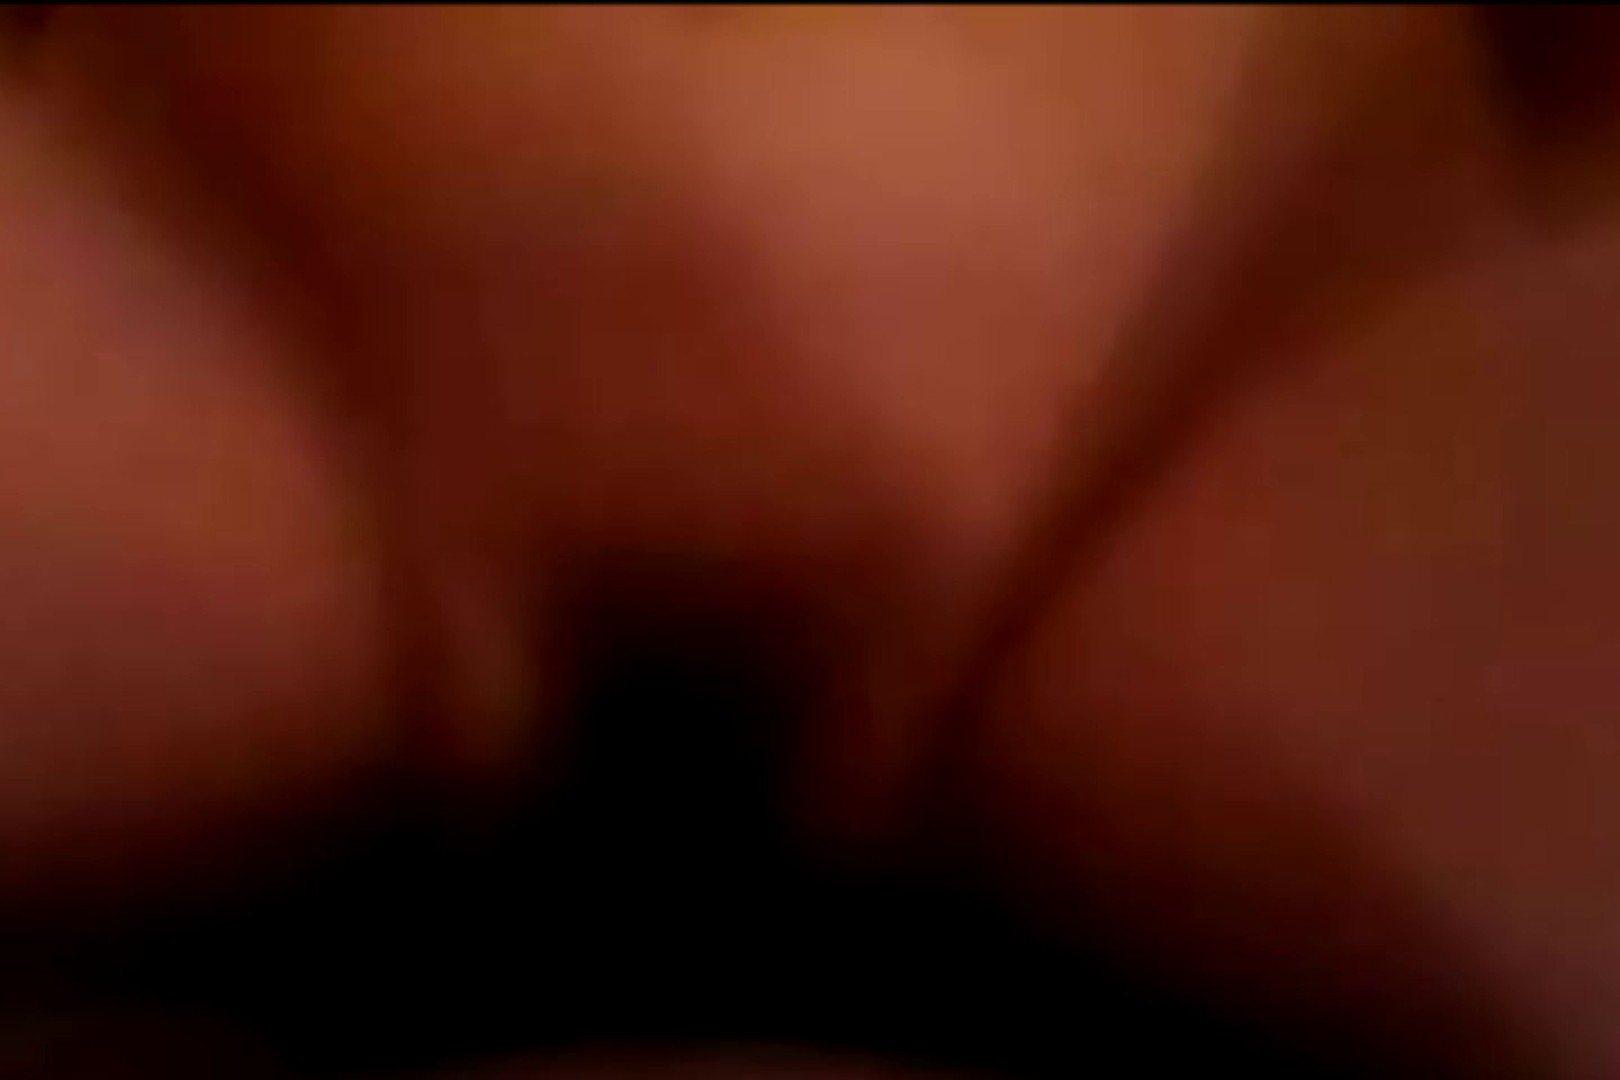 仁義なきキンタマ YAMAMOTOのアルバム フェラチオ   フェラ  29連発 29